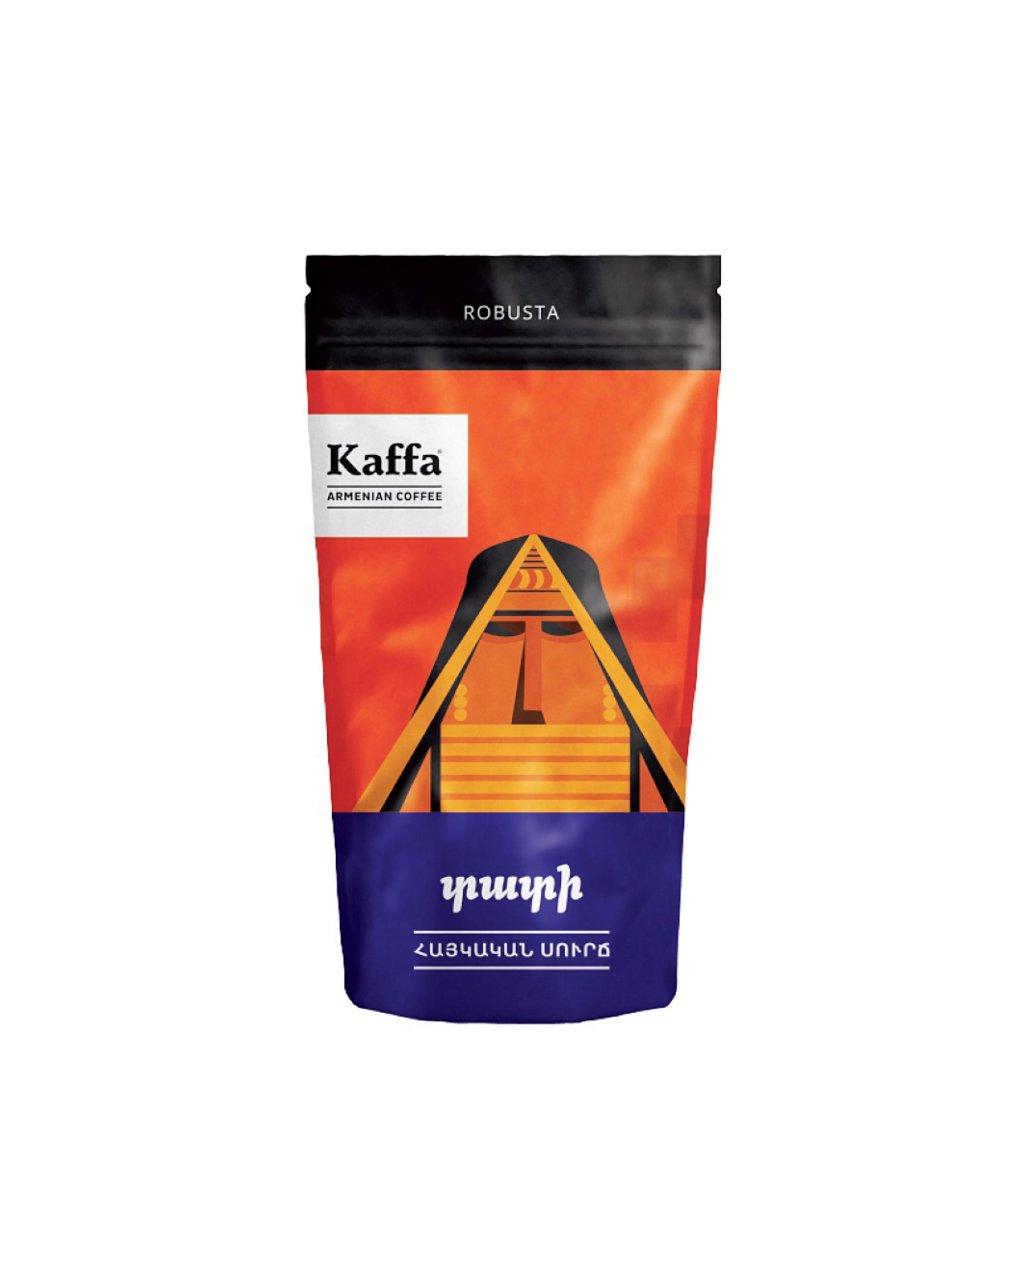 قهوه ارمنی کافا نوع روبوستا ۱۰۰ گرم